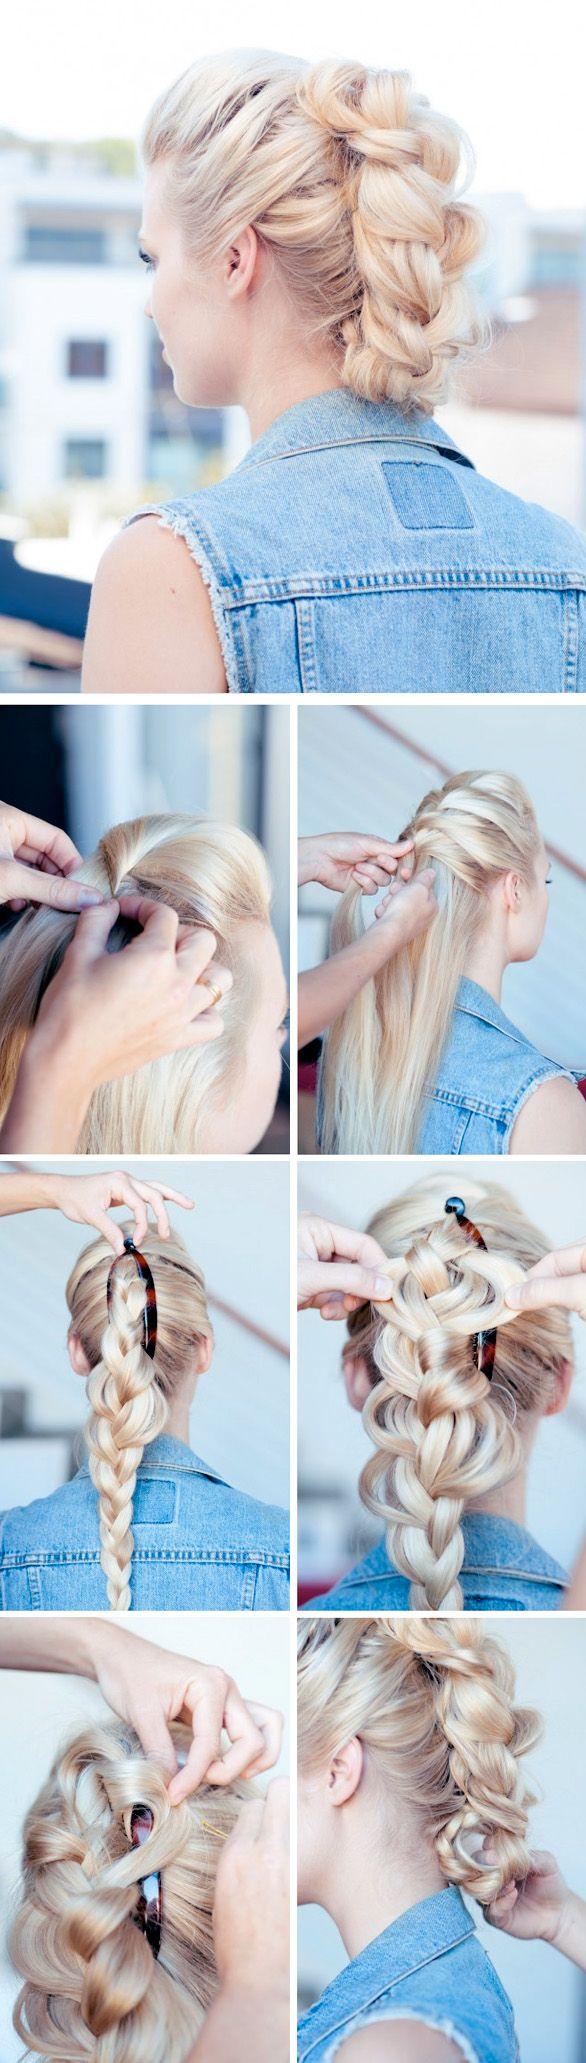 Braided faux hawk updo braid updo bun hair hairdo hairstyles